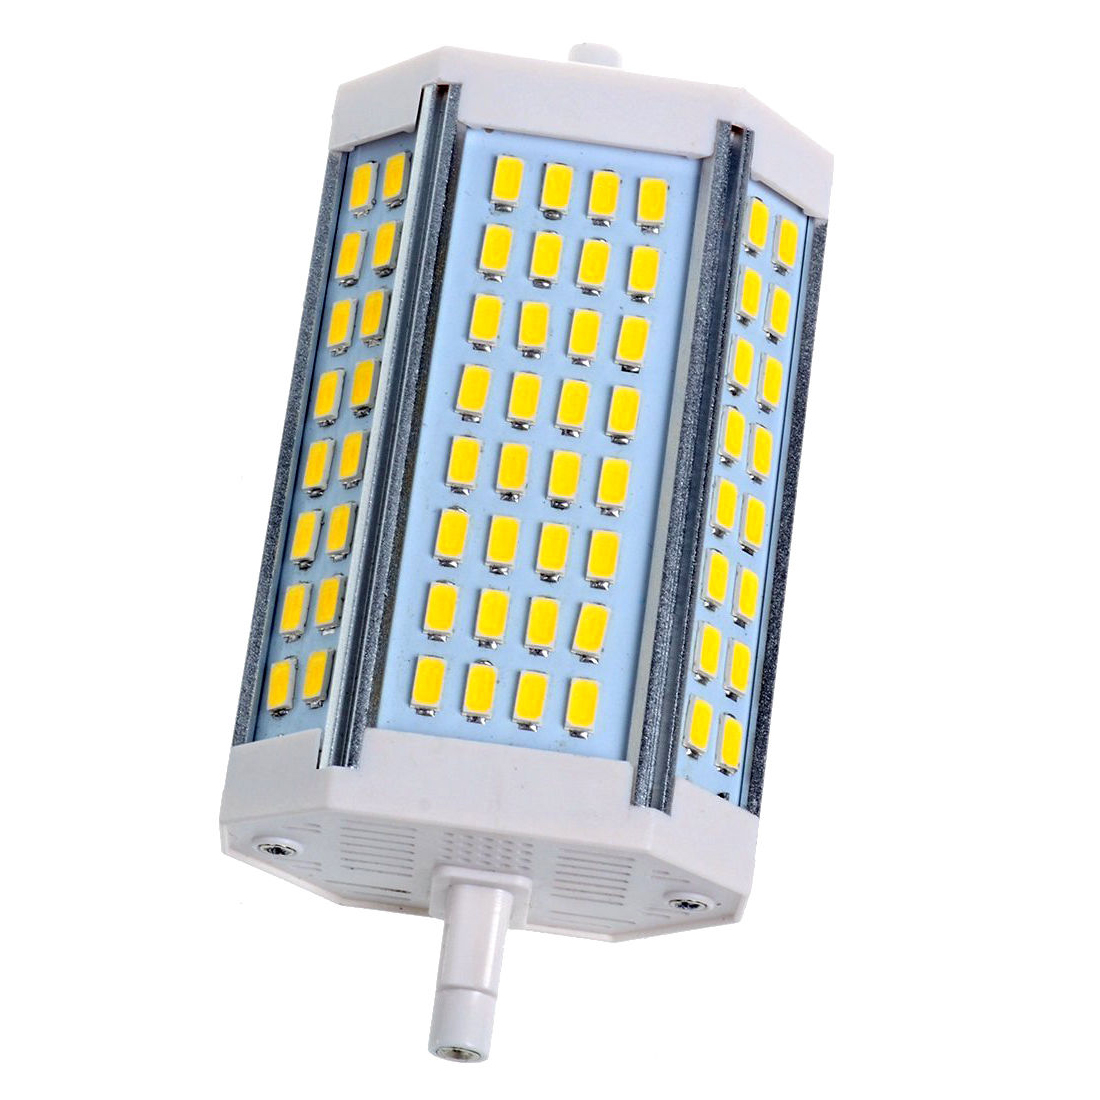 r7s led lampe 30w 118mm 5730 smd leuchtmittel brenner. Black Bedroom Furniture Sets. Home Design Ideas